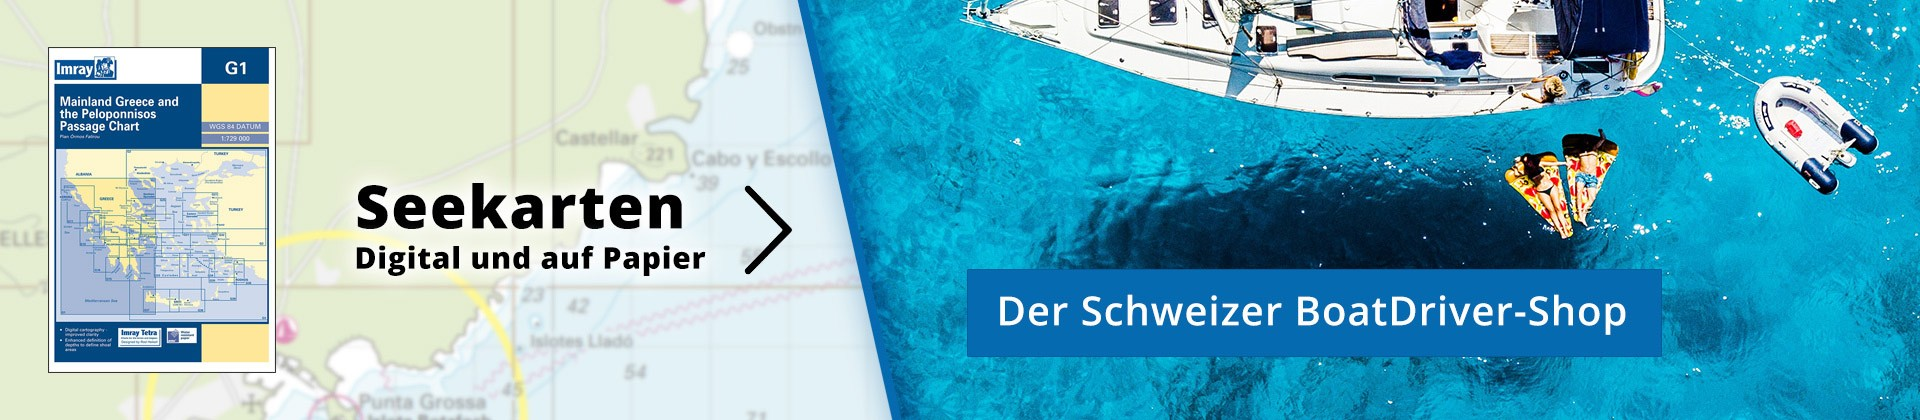 BoatDriver-Shop: Seekarten digital und auf Papier